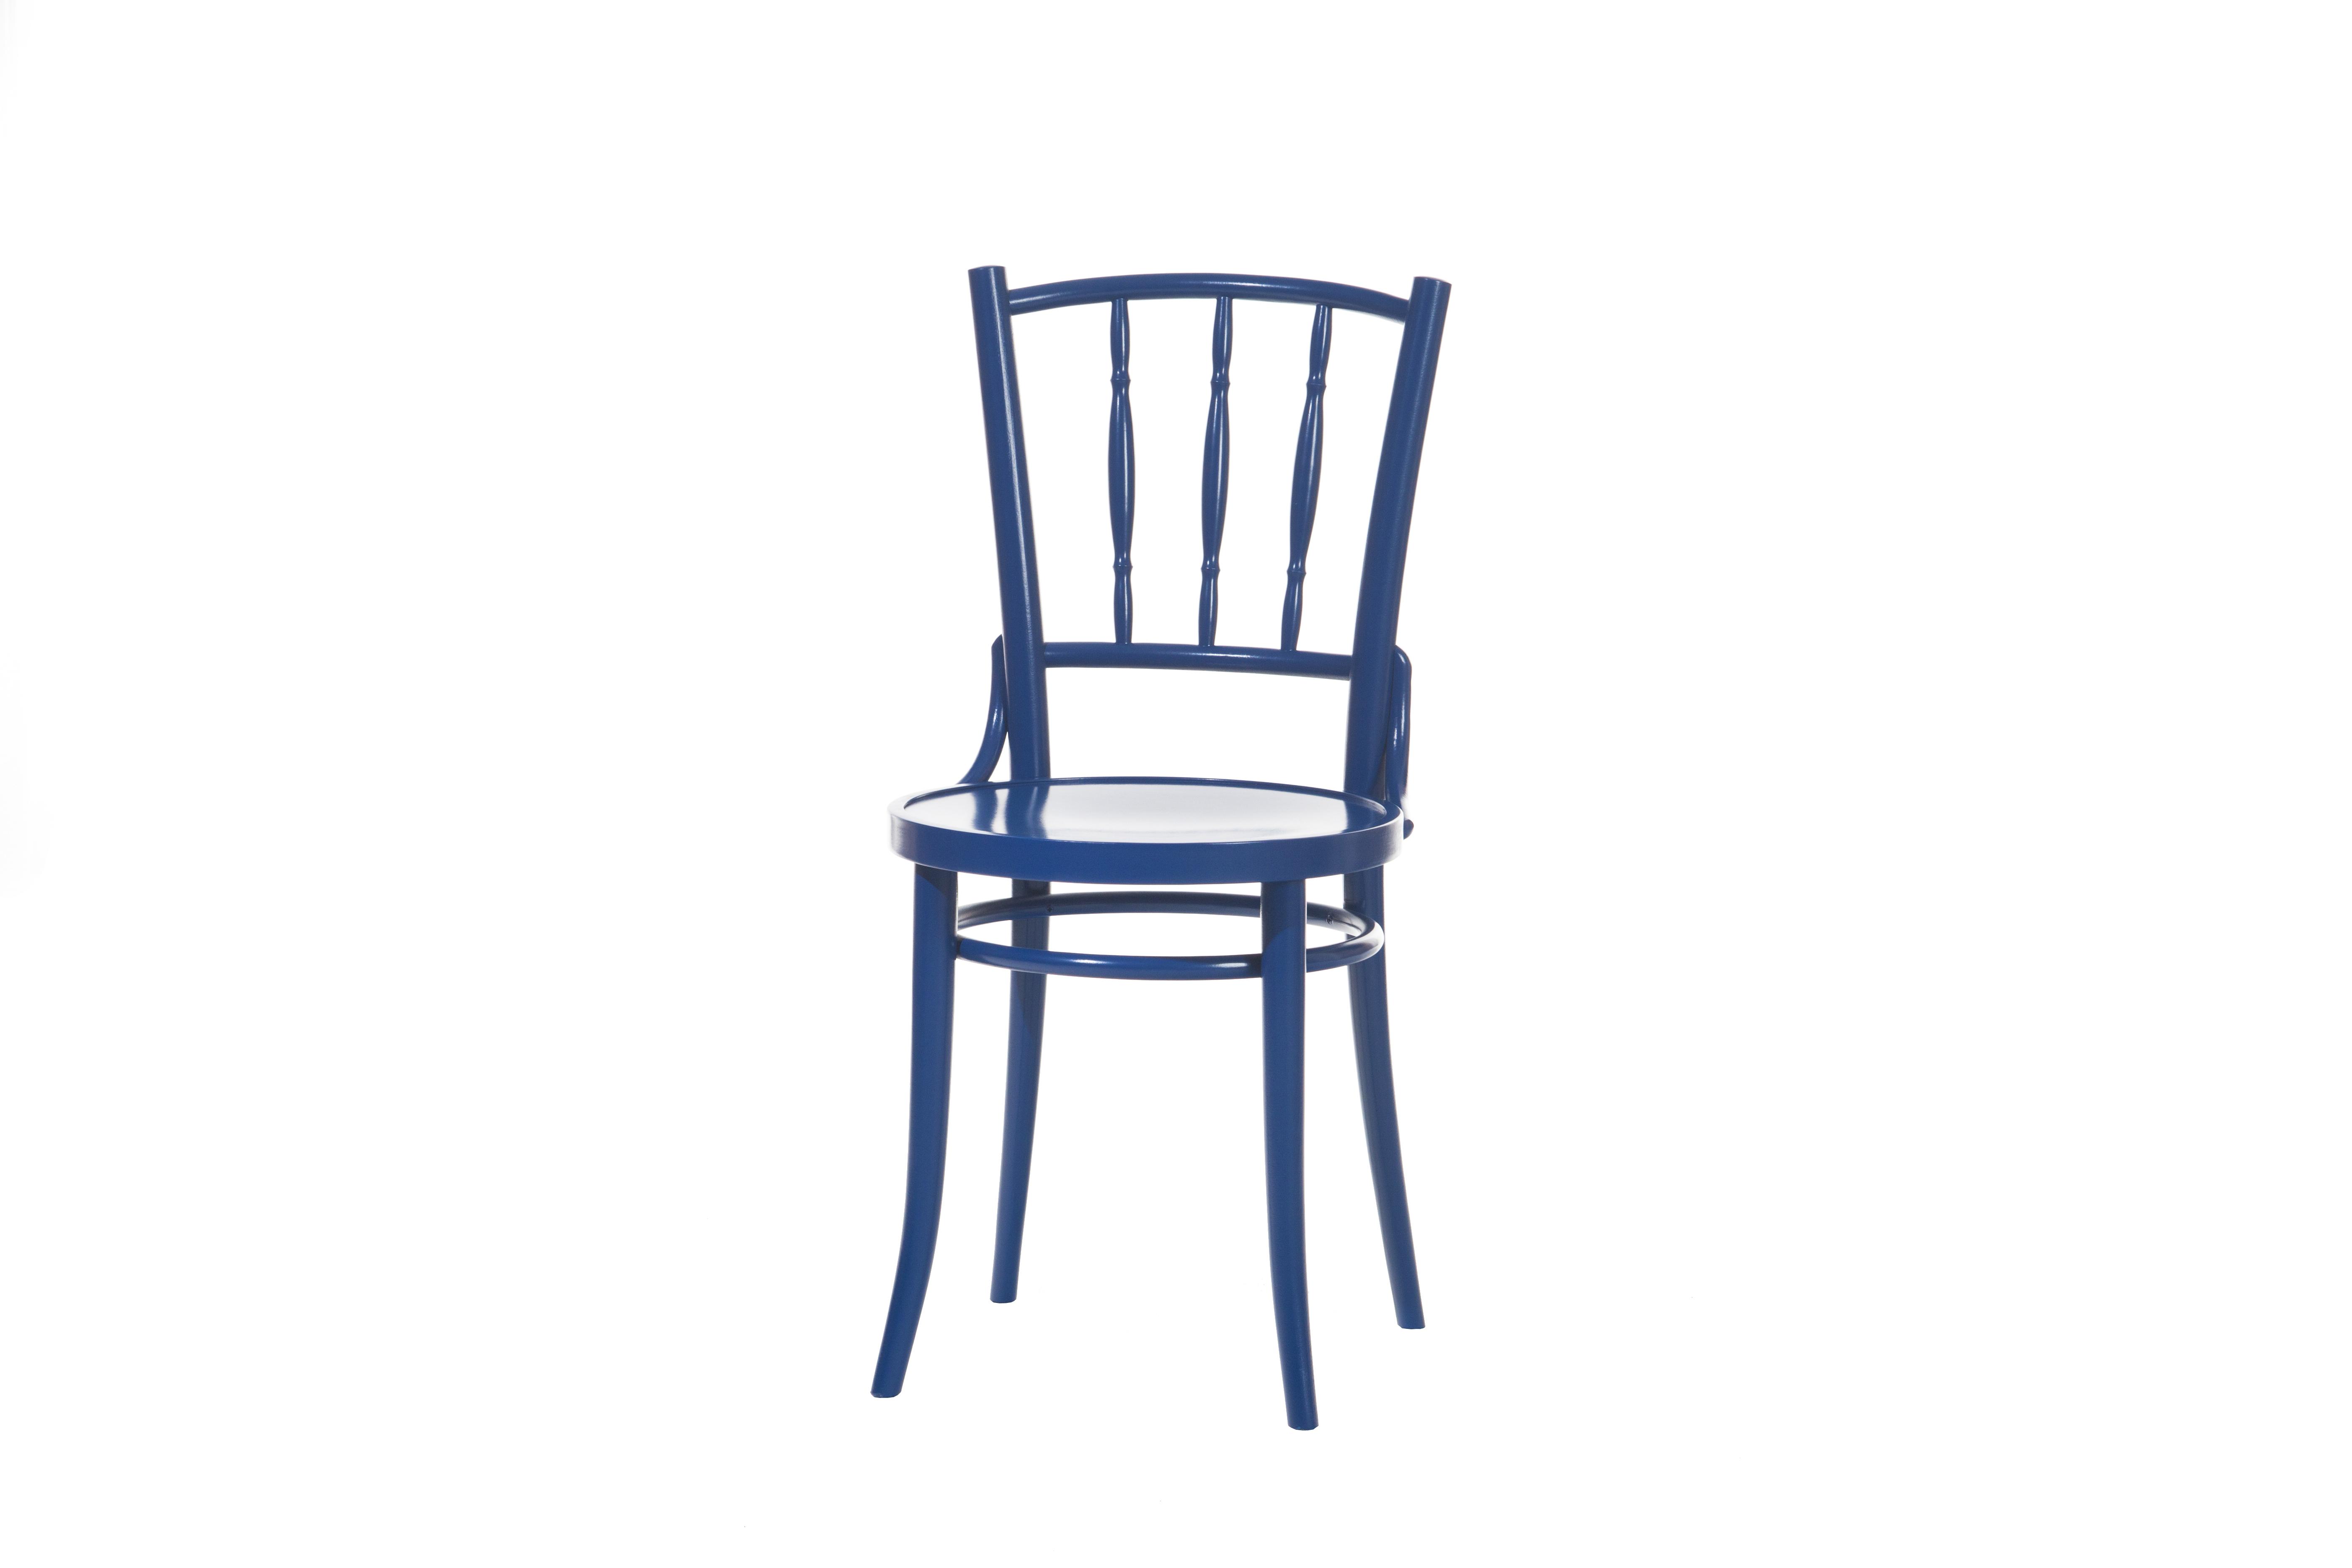 Scaun din lemn de fag Dejavu 378 Blue, l40,5xA48xH86,5 cm imagine